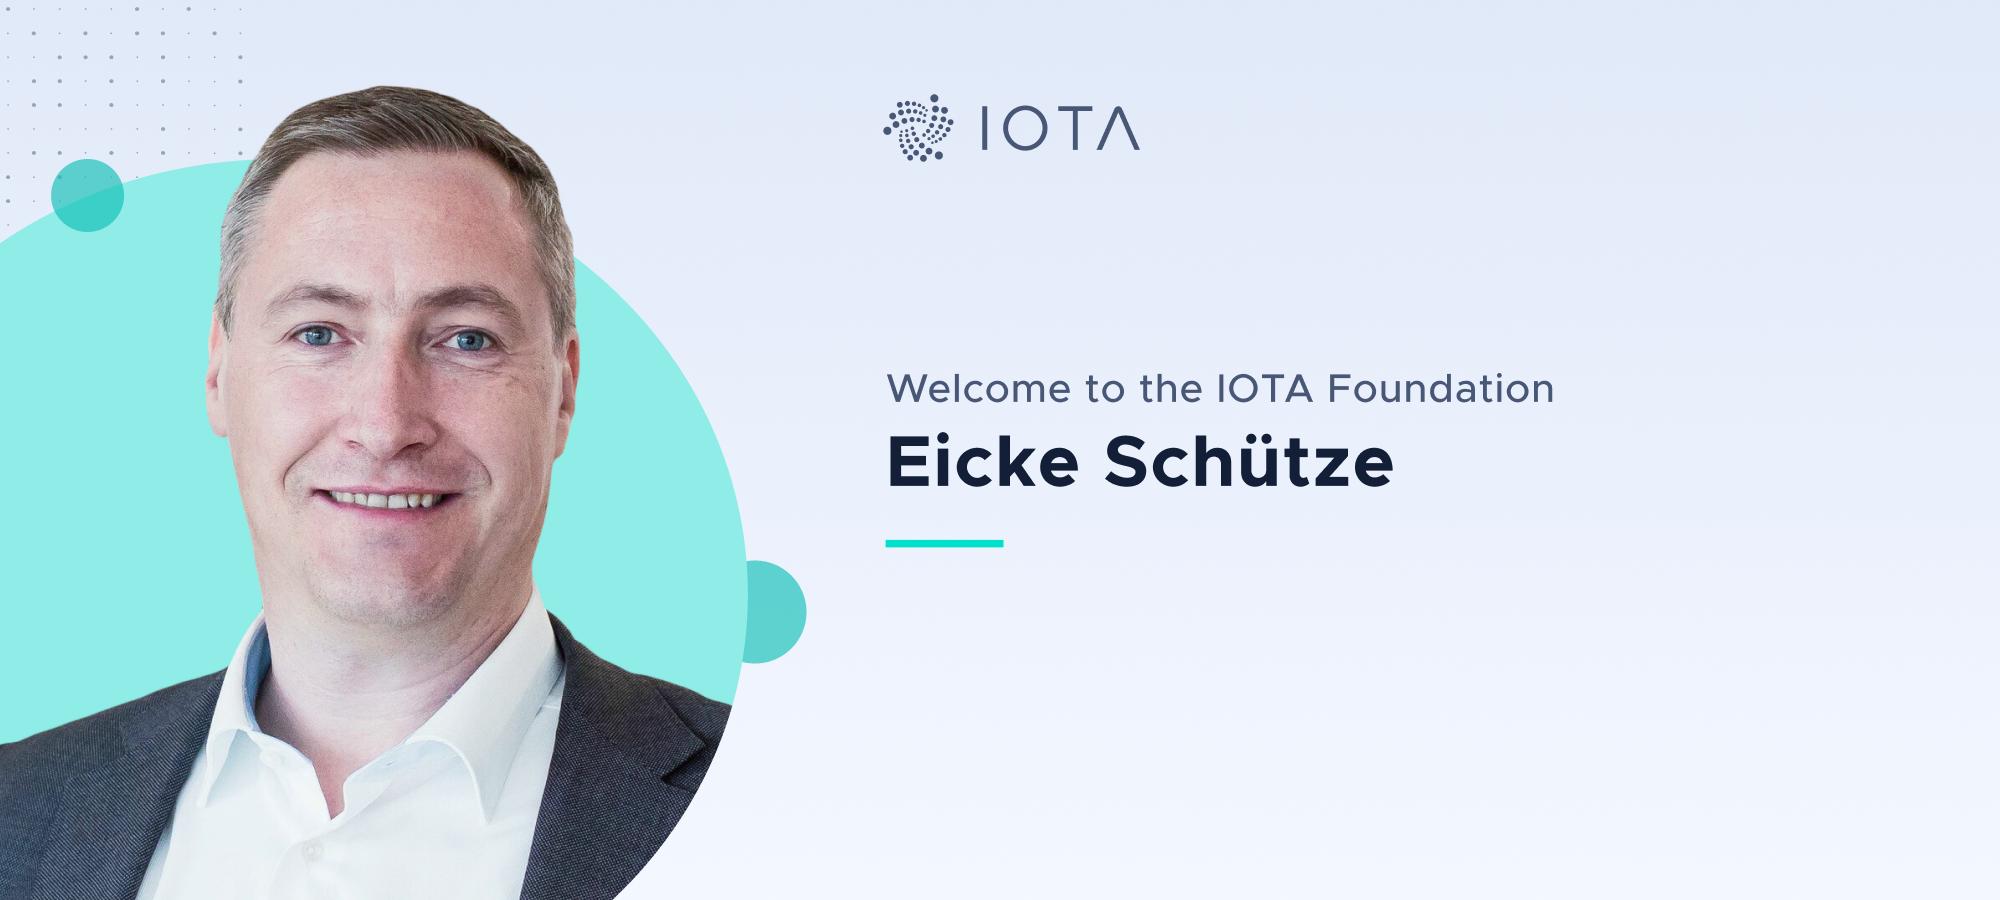 Welcome Eicke Schütze to the IOTA Foundation